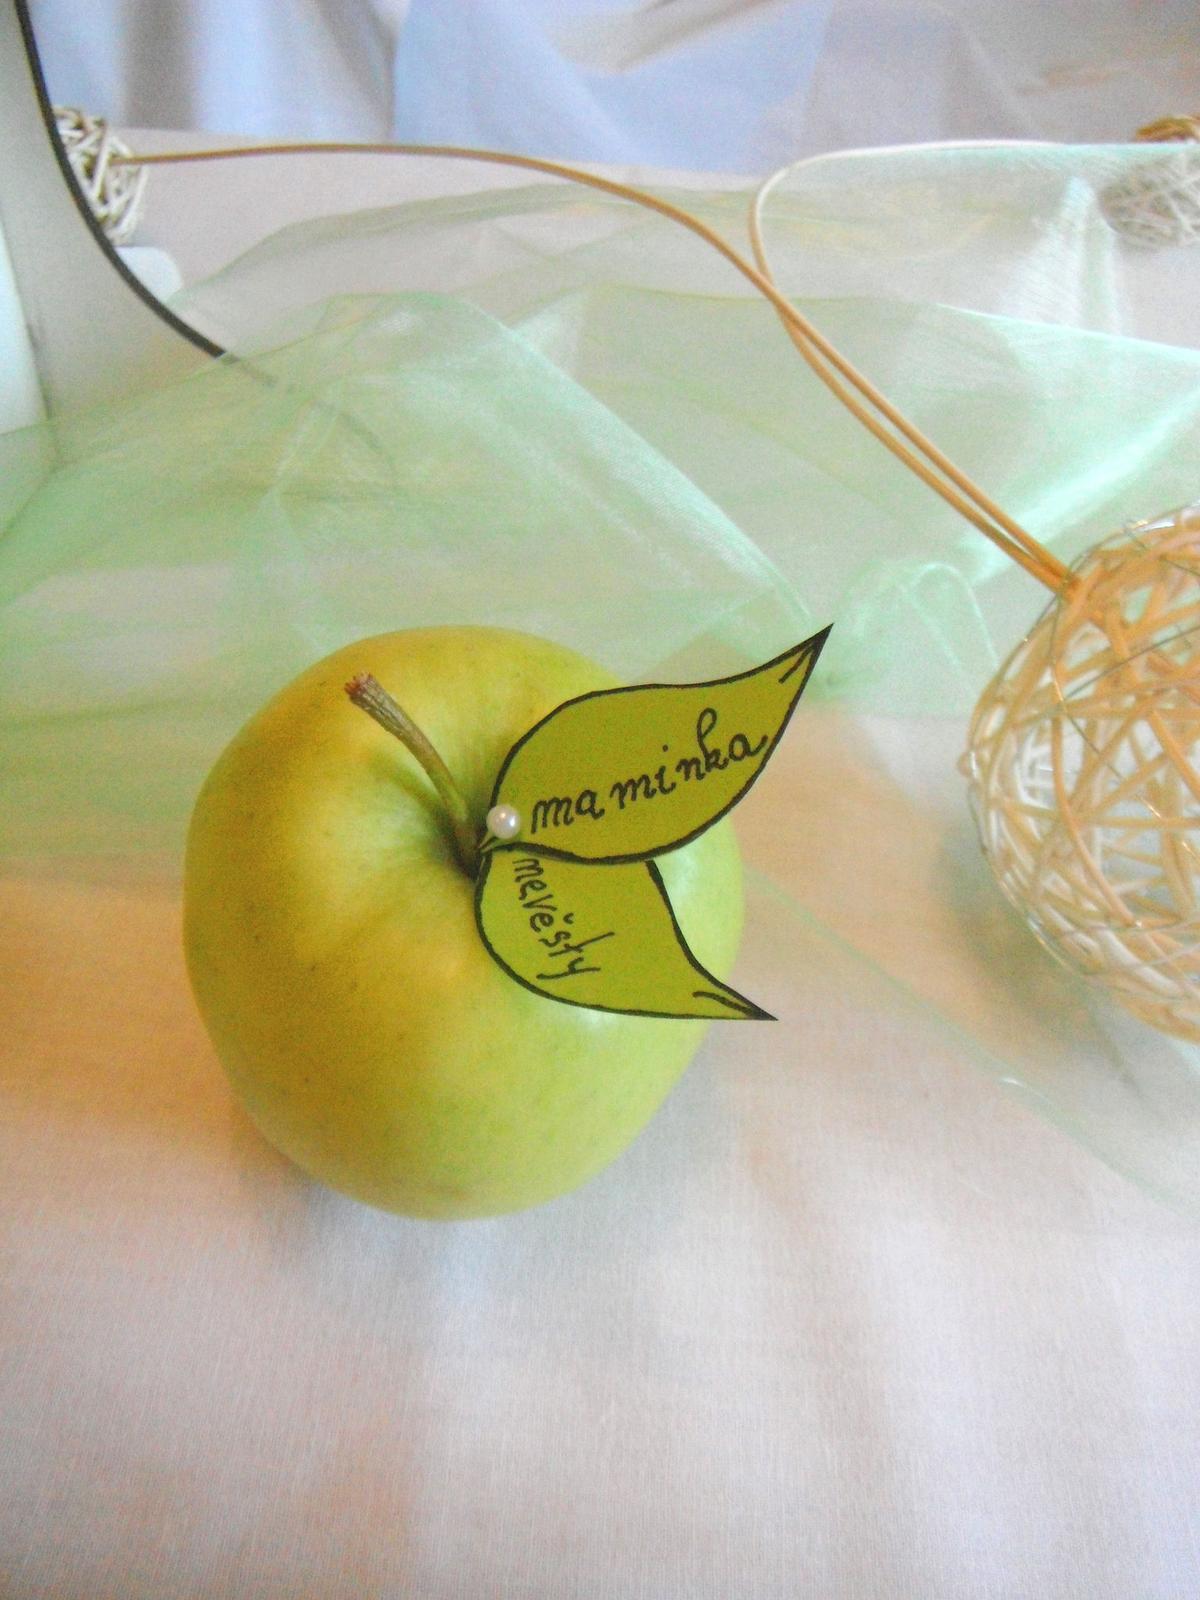 jmenovky- jabloňové lístky - Obrázek č. 1